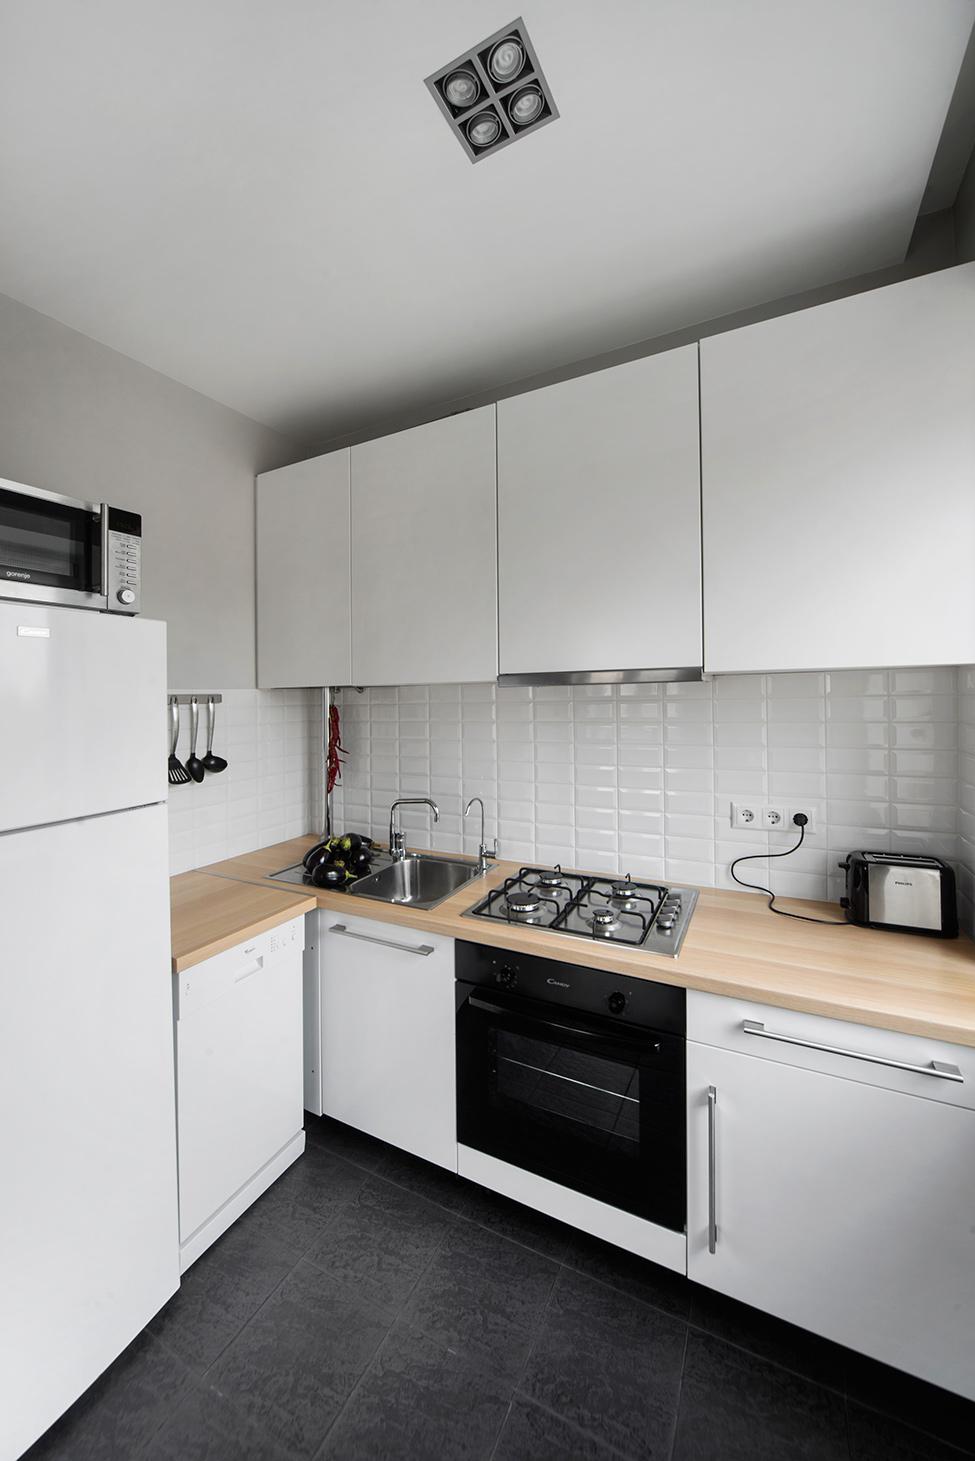 apartament-v-moskva-pokazva-miks-ot-moderen-i-retro-stil-8g